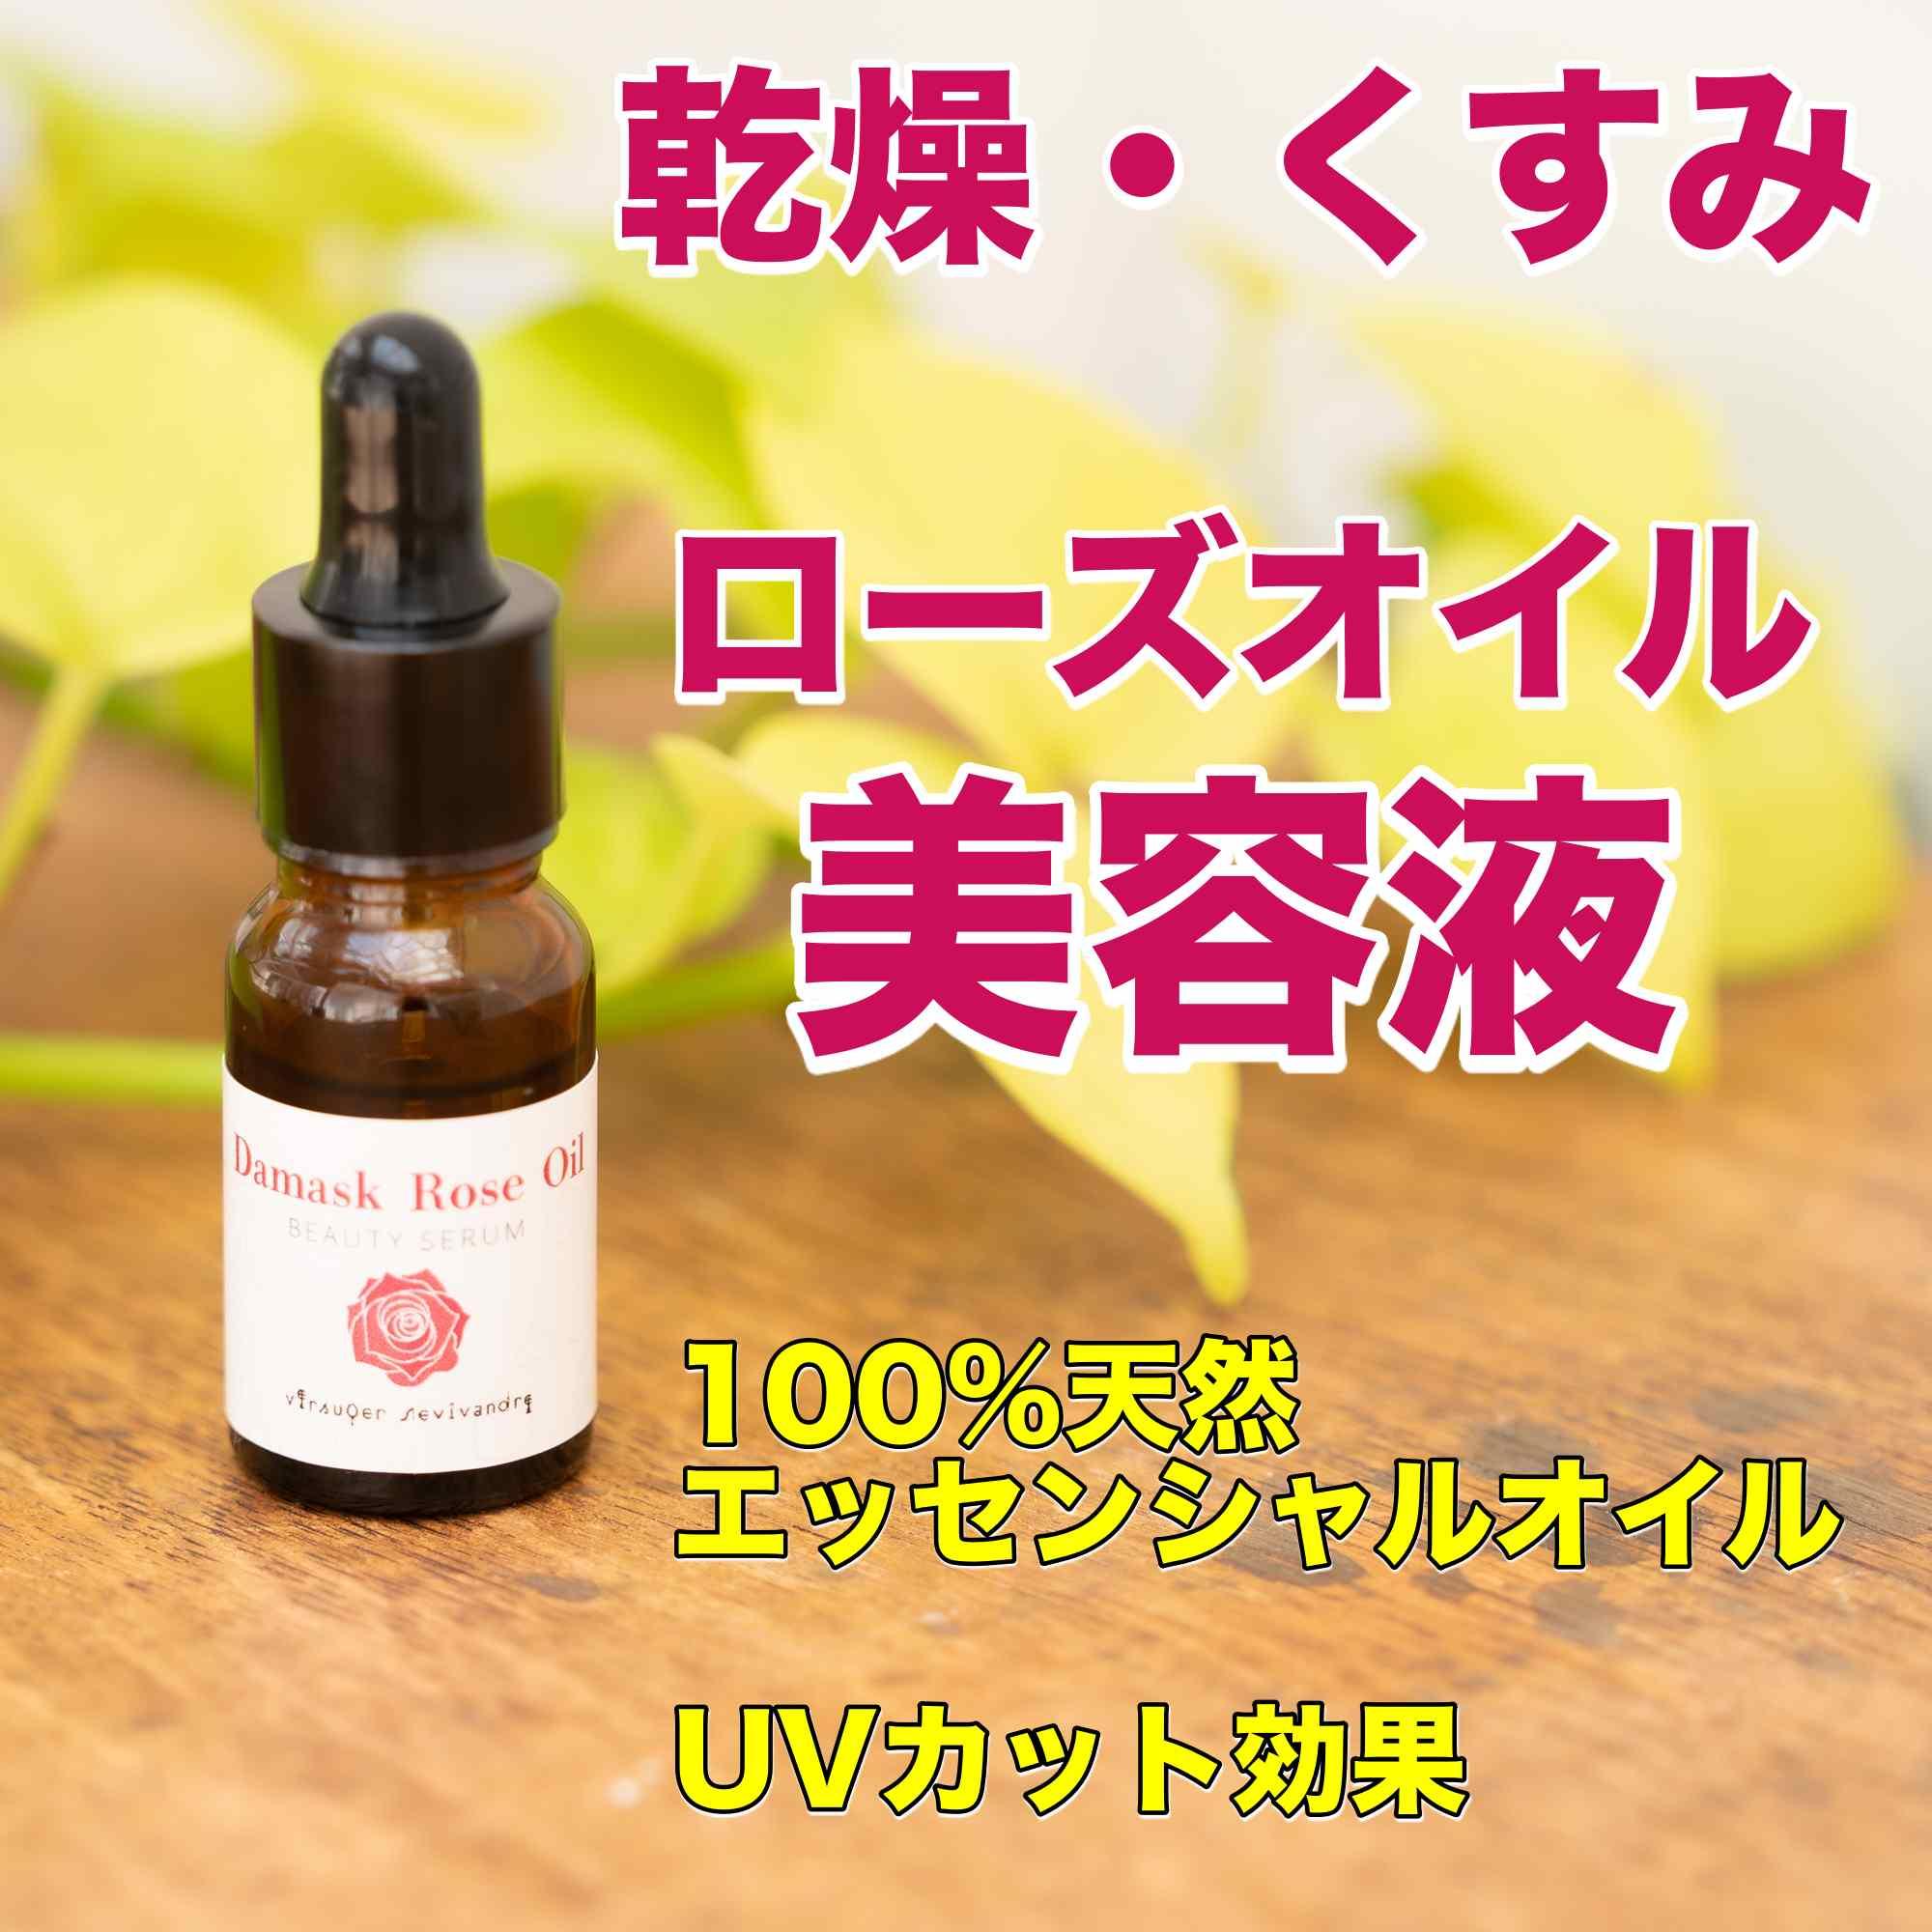 【ローズオイル美容液】UVケアに!あれた素肌を整え、潤いを与える(5ml)